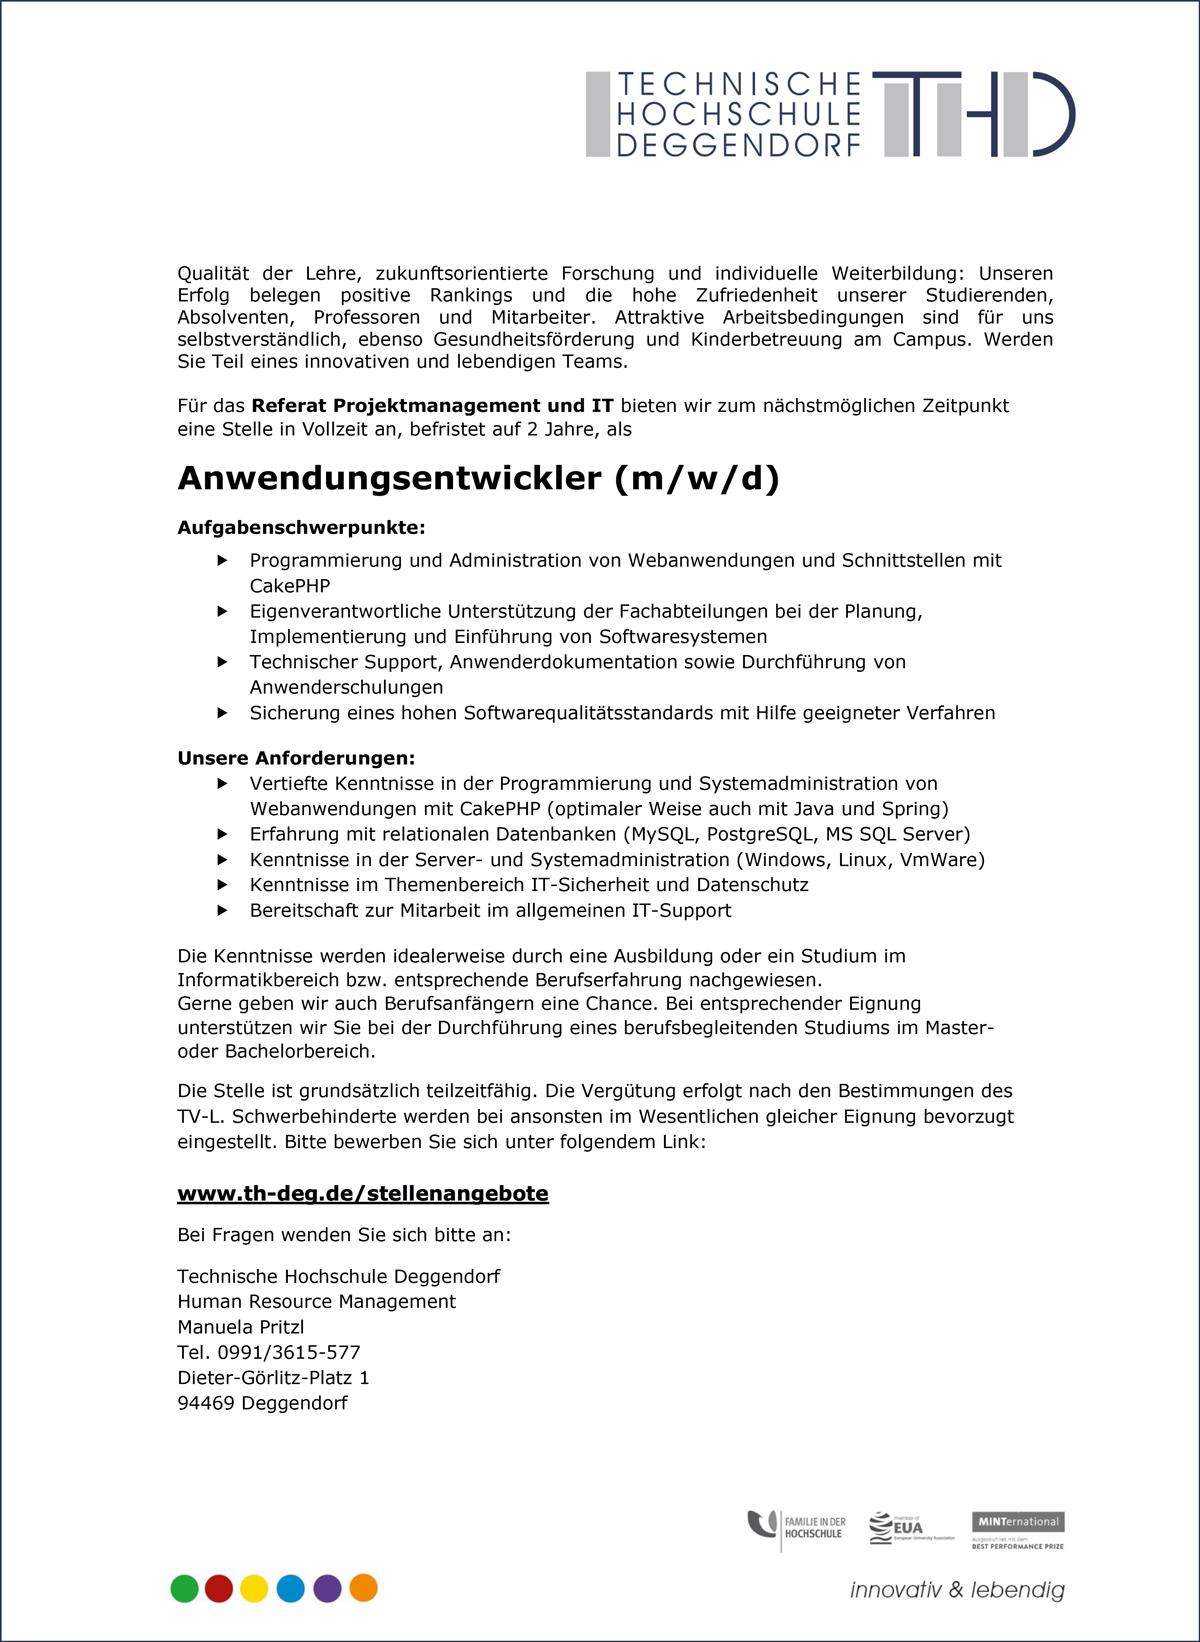 Anwendungsentwickler m/w/d  für das Referat Projektmanagement und IT  am Campus Deggendorf - THD-Technische Hochschule Deggendorf - in Deggendorf - stellenecho.de